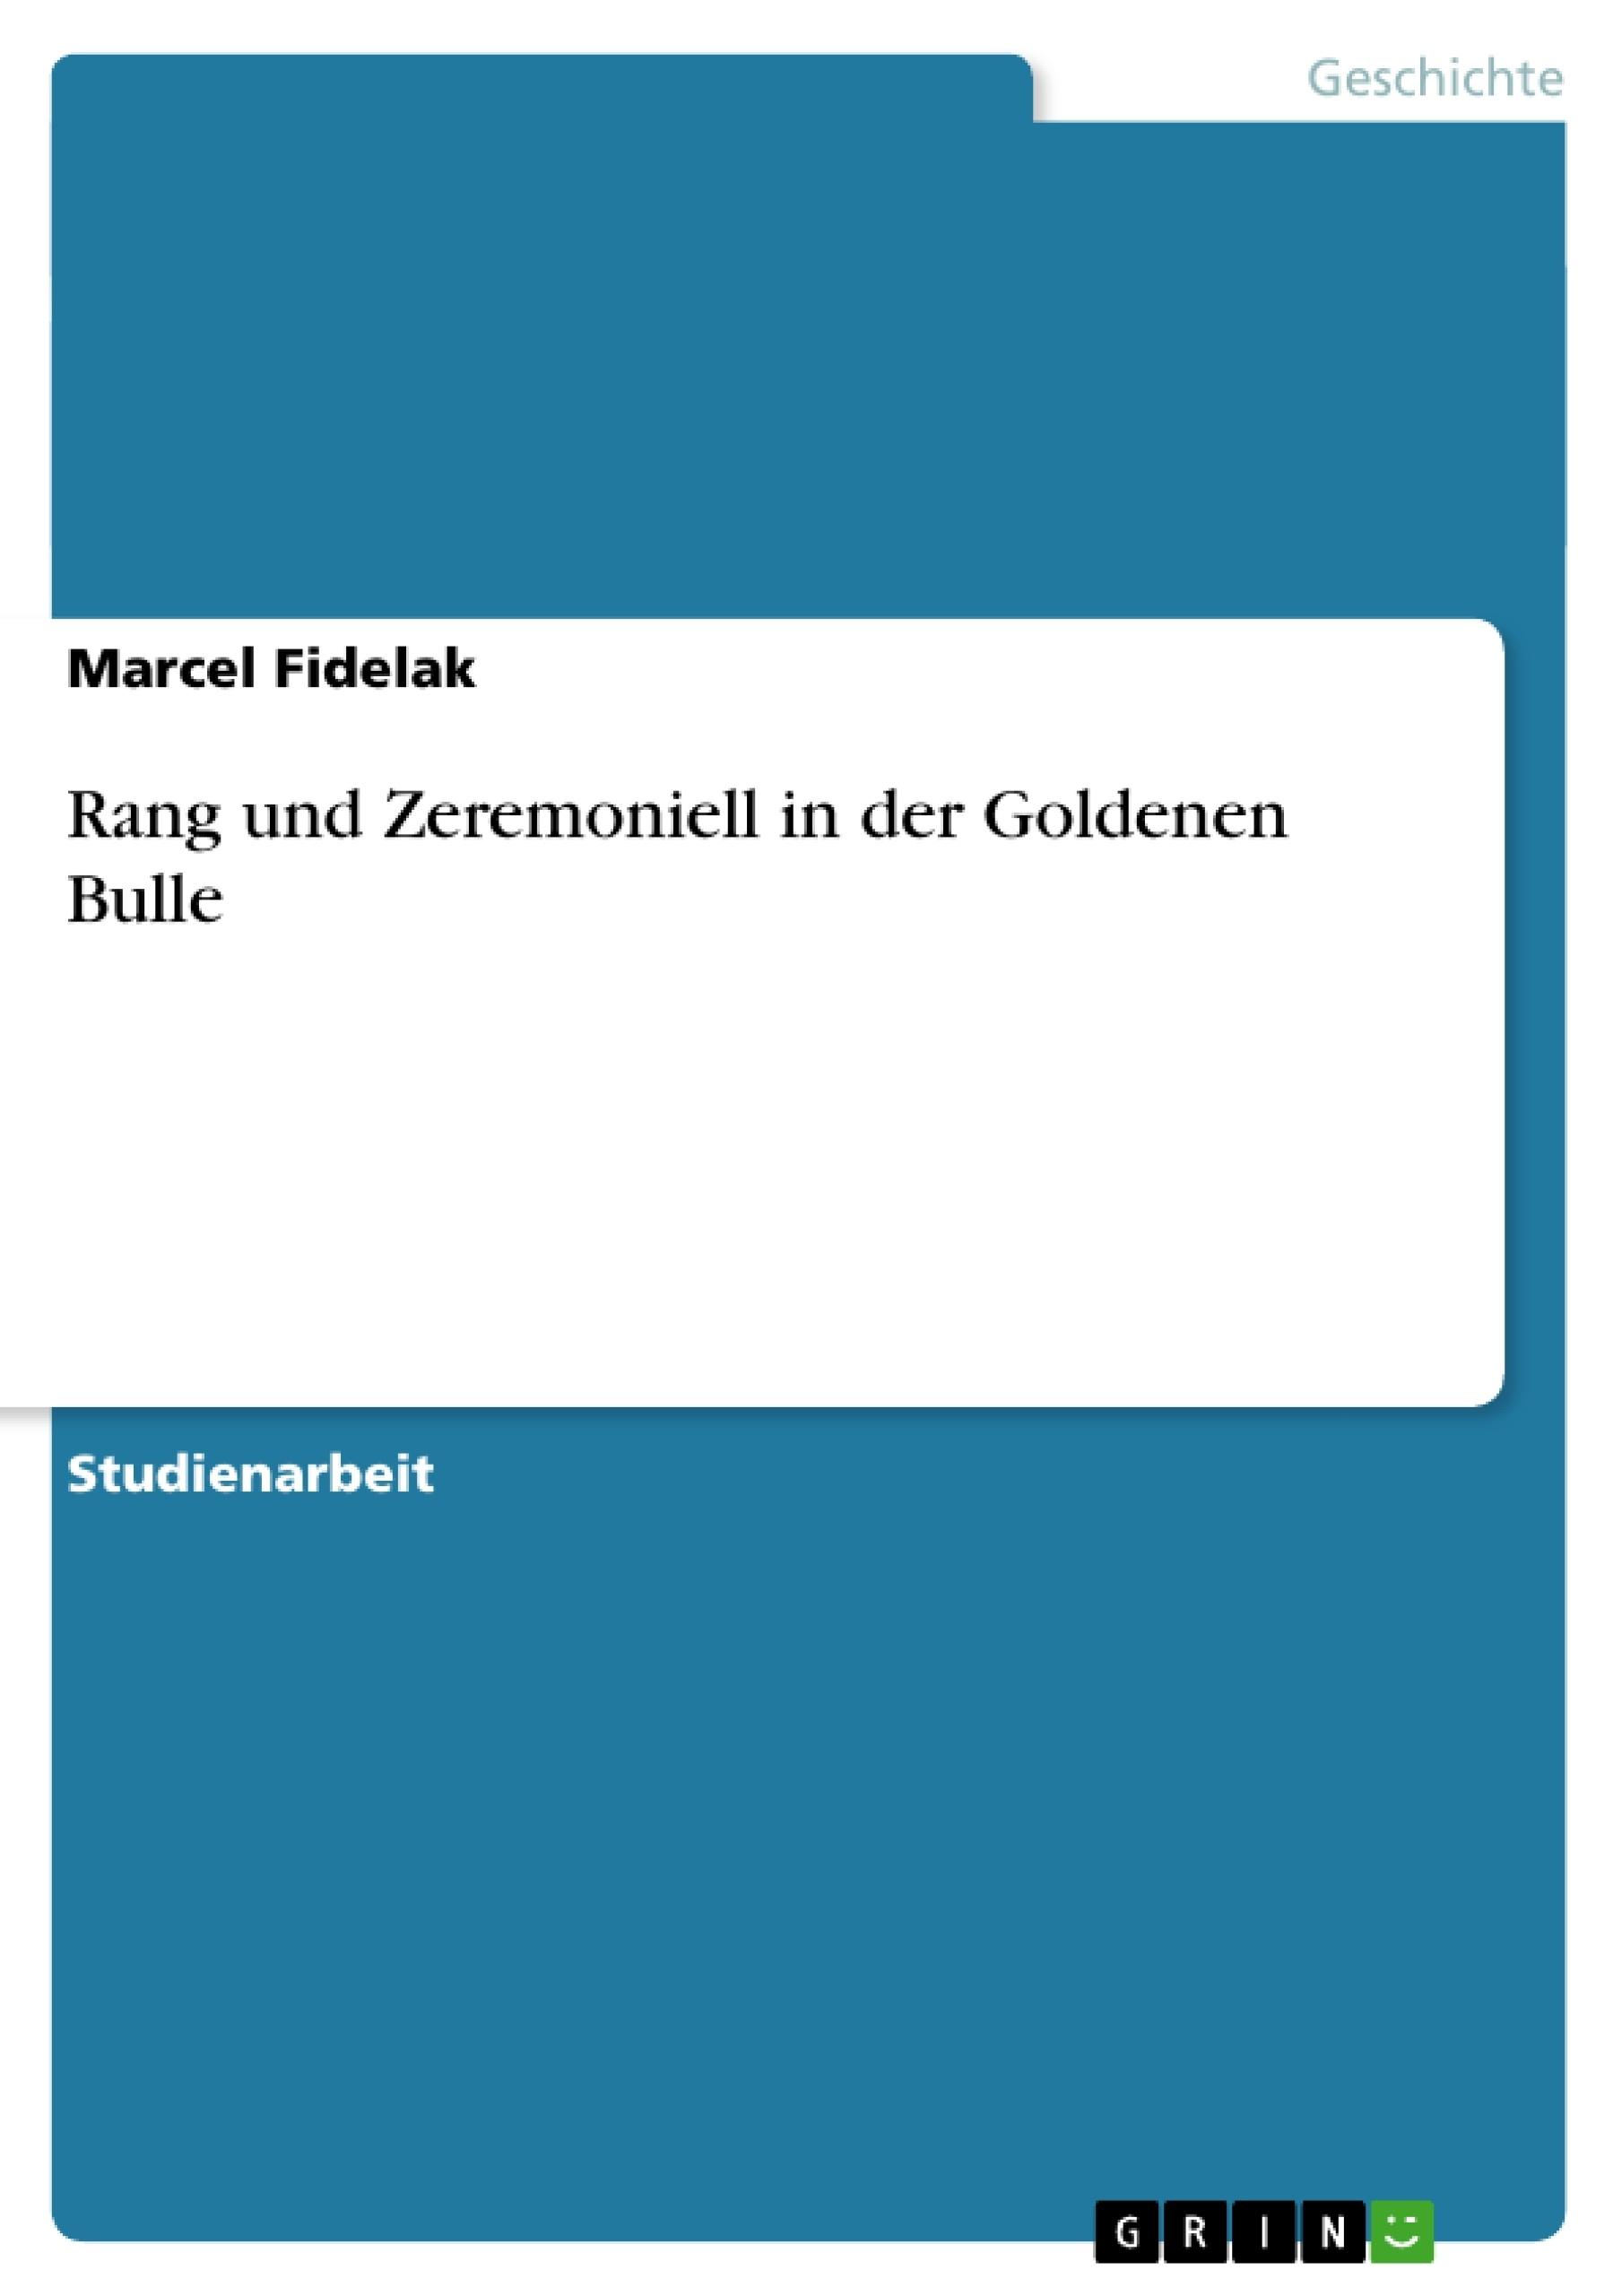 Titel: Rang und Zeremoniell in der Goldenen Bulle